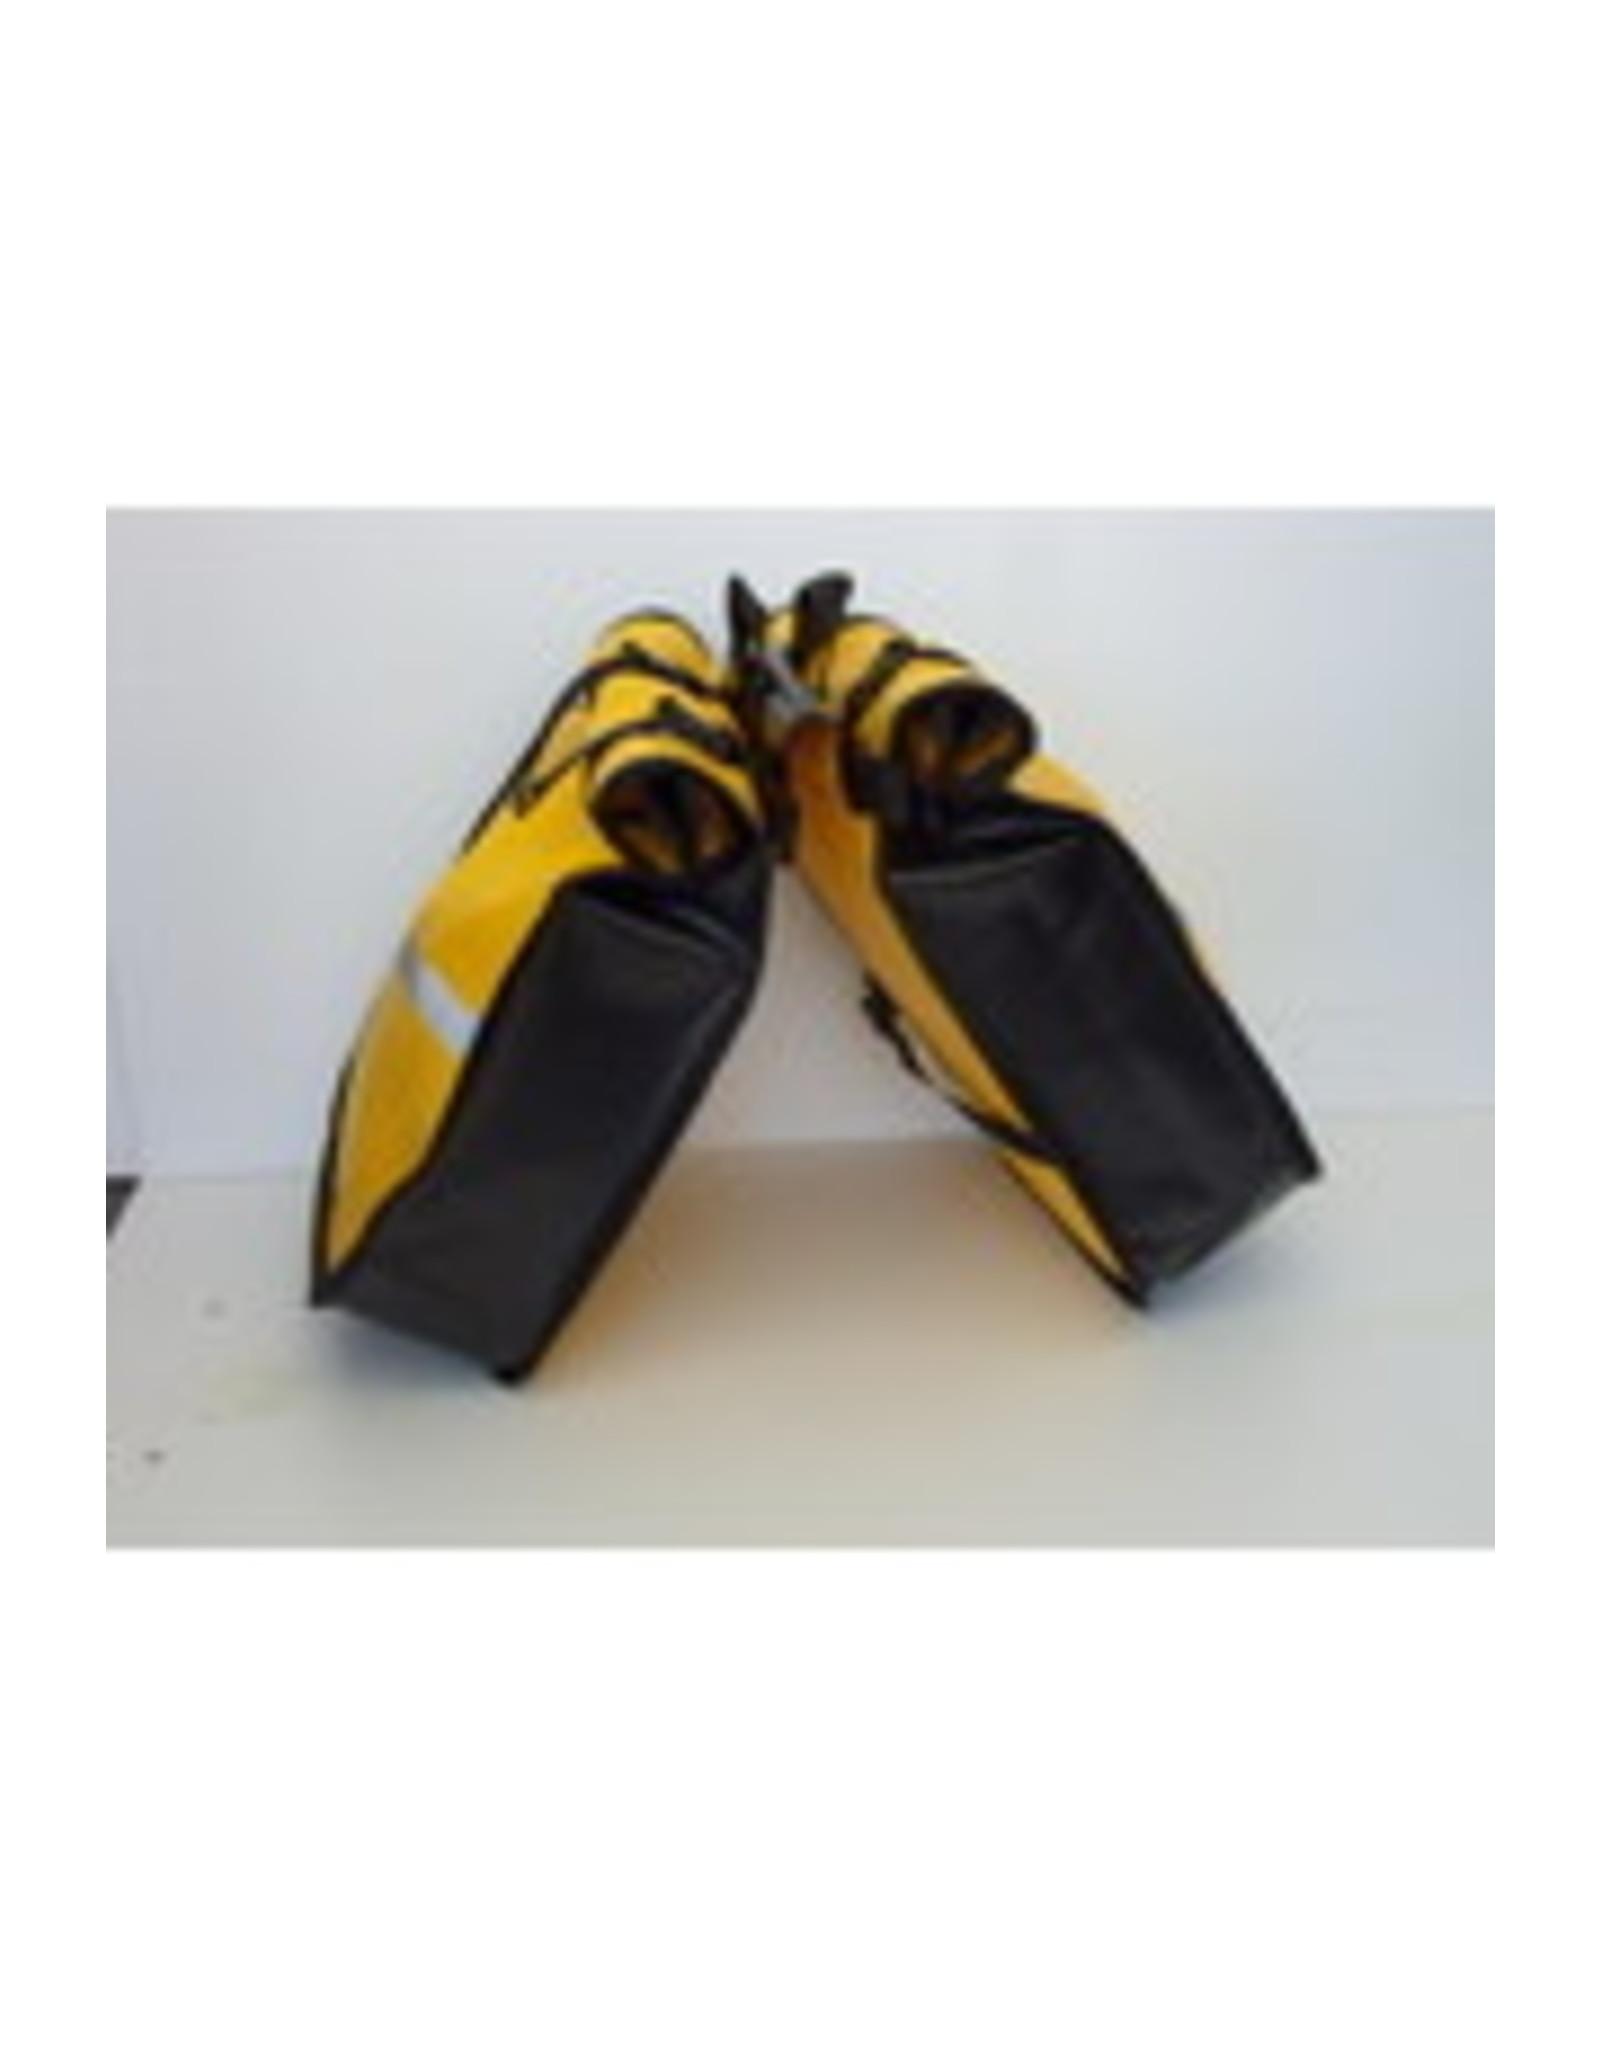 Waterproof double rear pannier